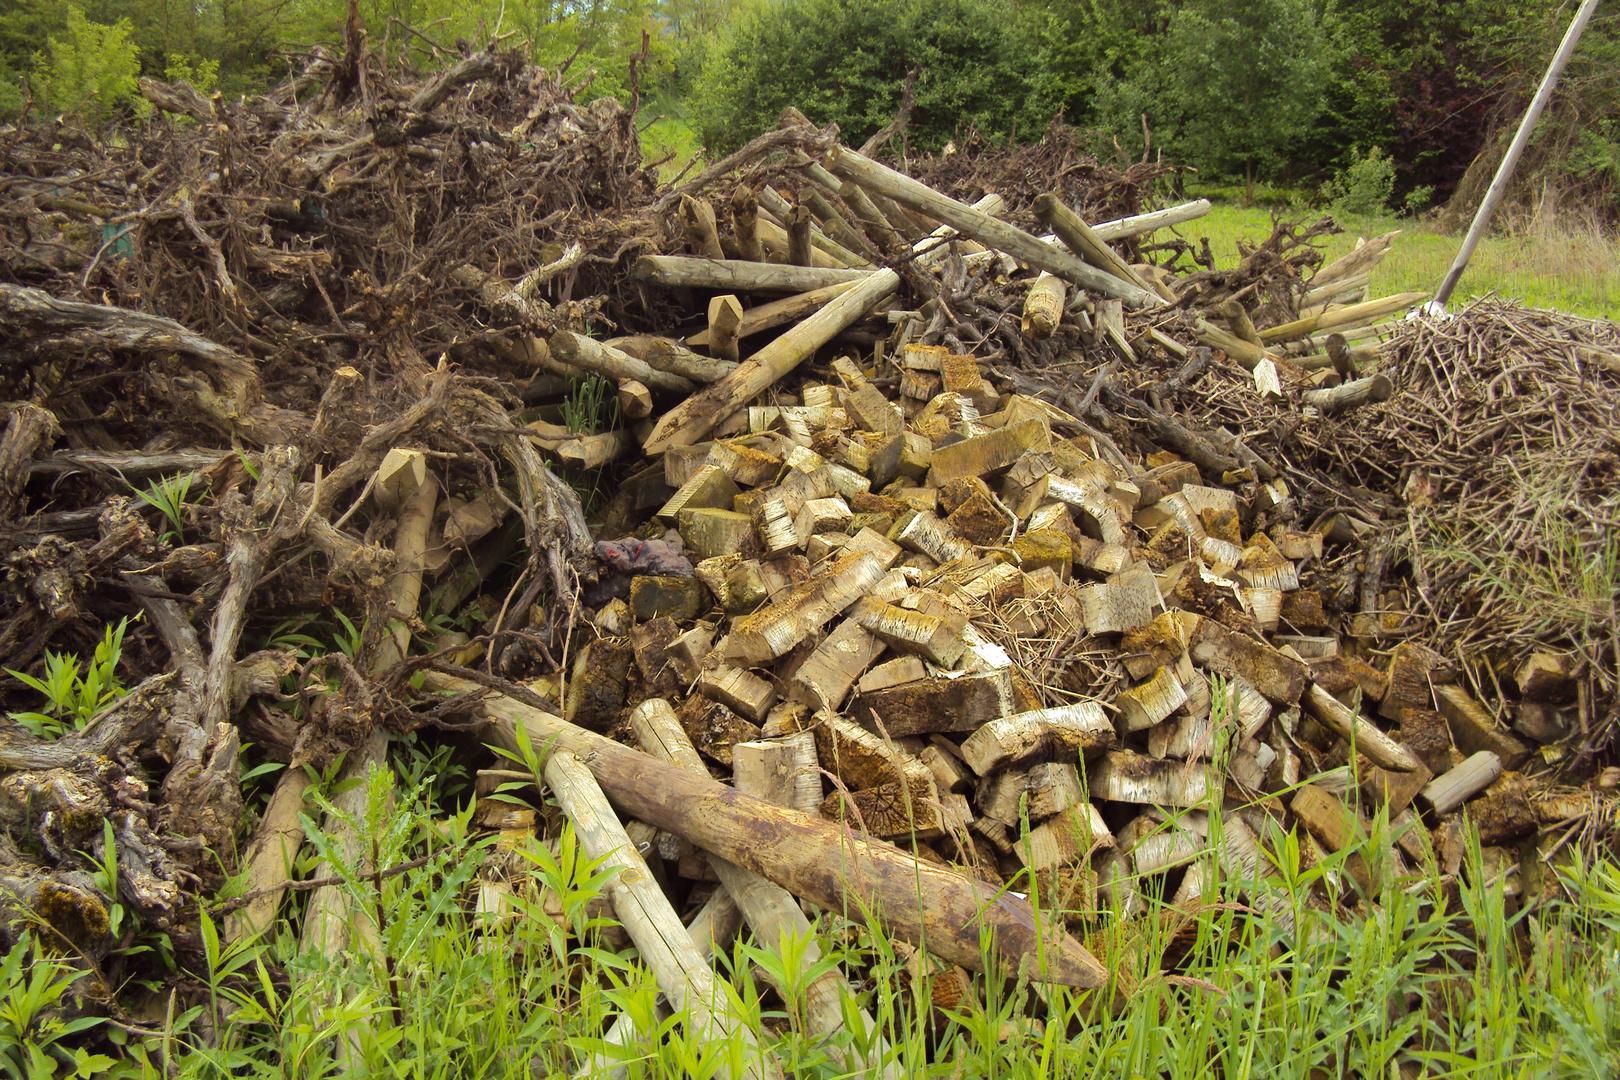 20000 warme Mahlzeiten (Holzabfälle im Ruschgraben)